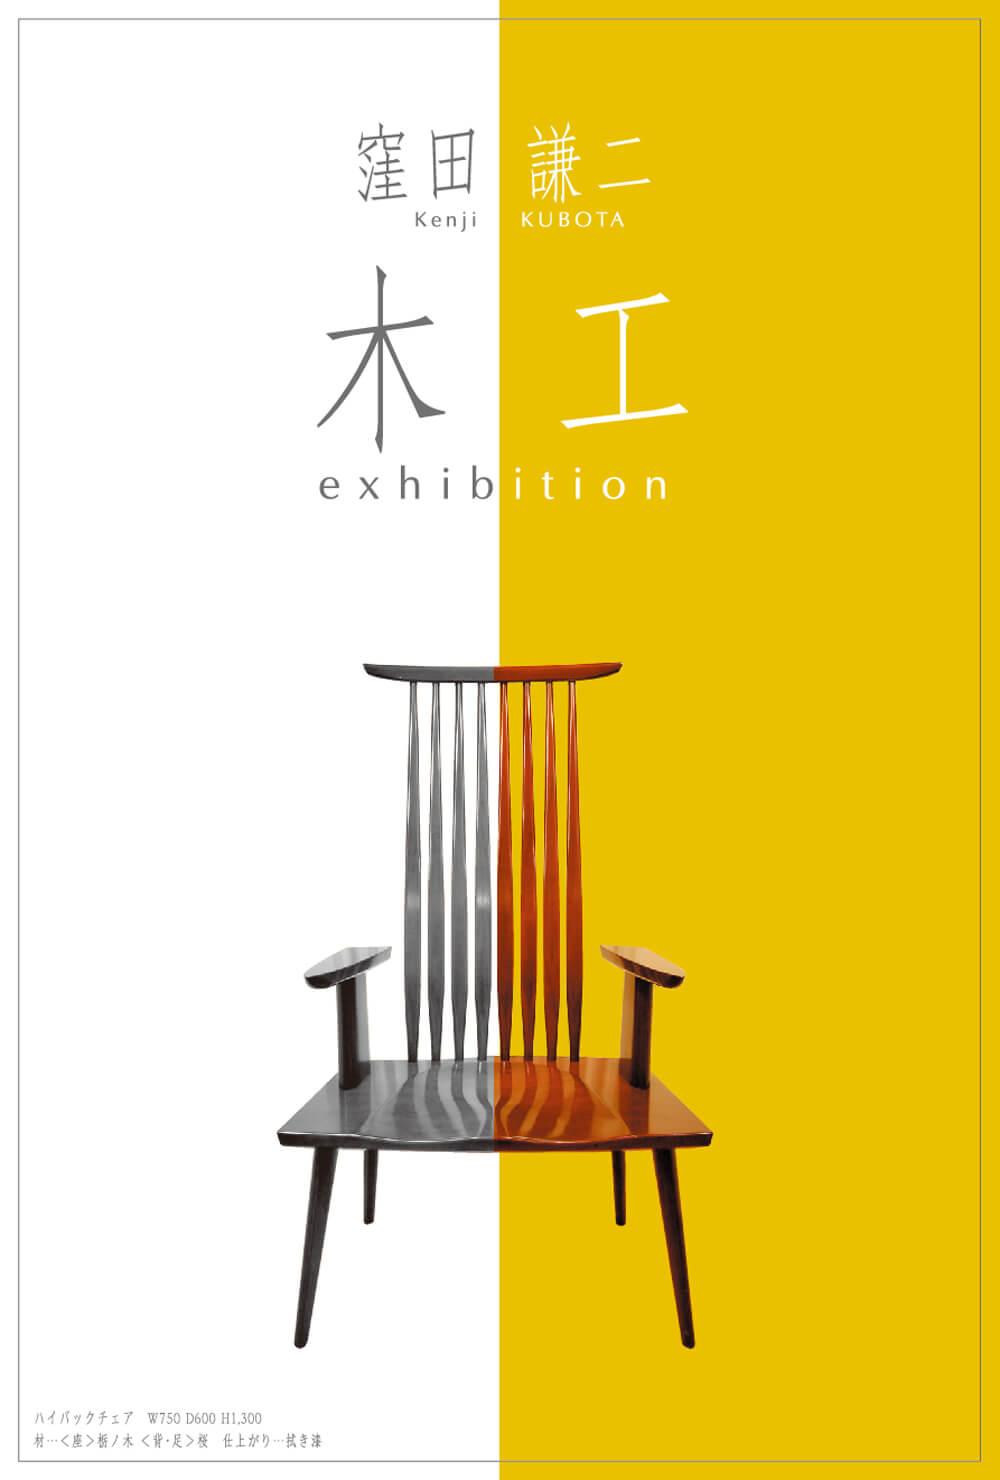 2007年5月3日から開催の「窪田 謙二 木工展」のDM画像